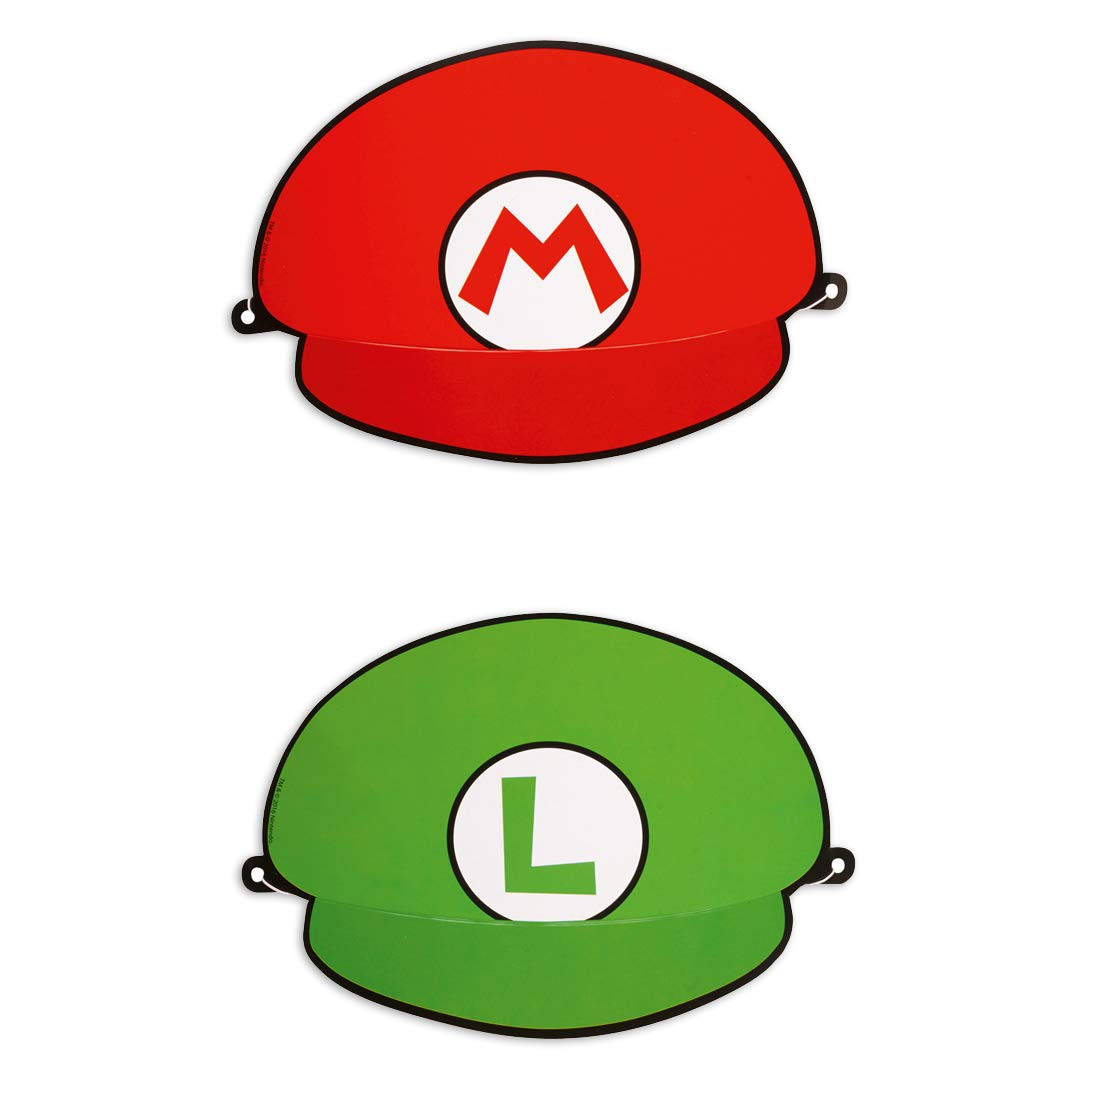 Original Mantel decoraci/ón para Fiesta 120 x 180 cm Ideal para Fiestas de cumplea/ños Infantiles y Fiestas Infantiles NET TOYS Mantel dise/ño Super Mario Brothers